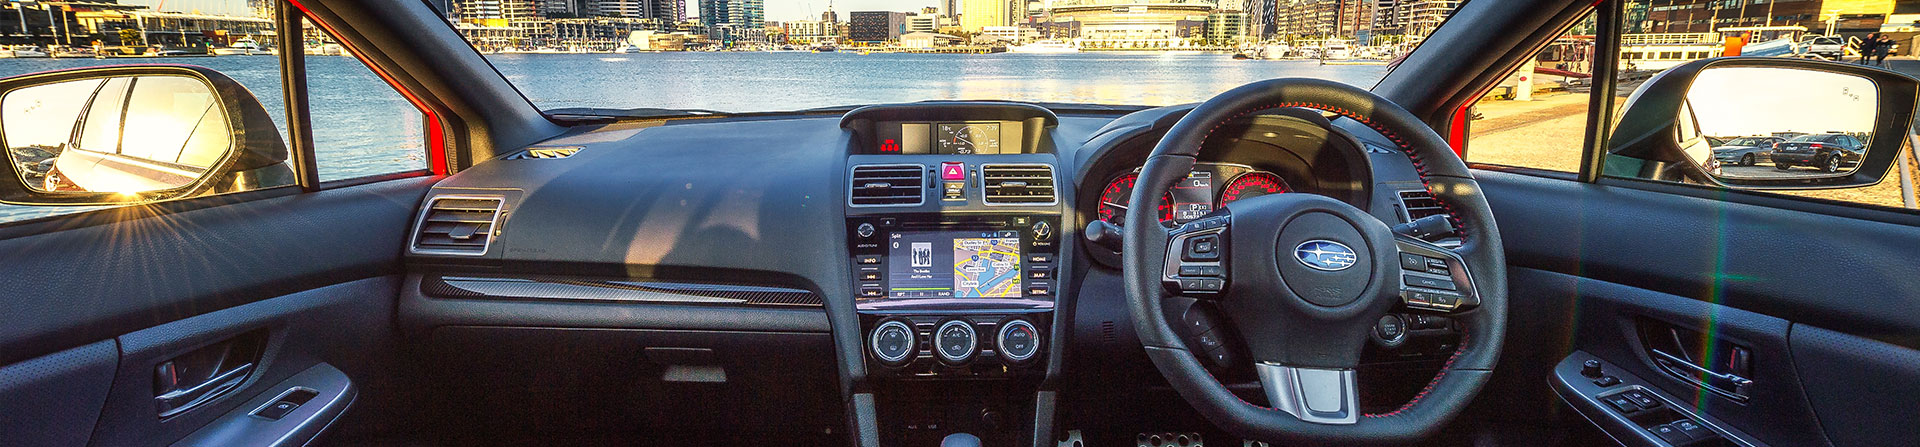 Subaru WRX Image 7